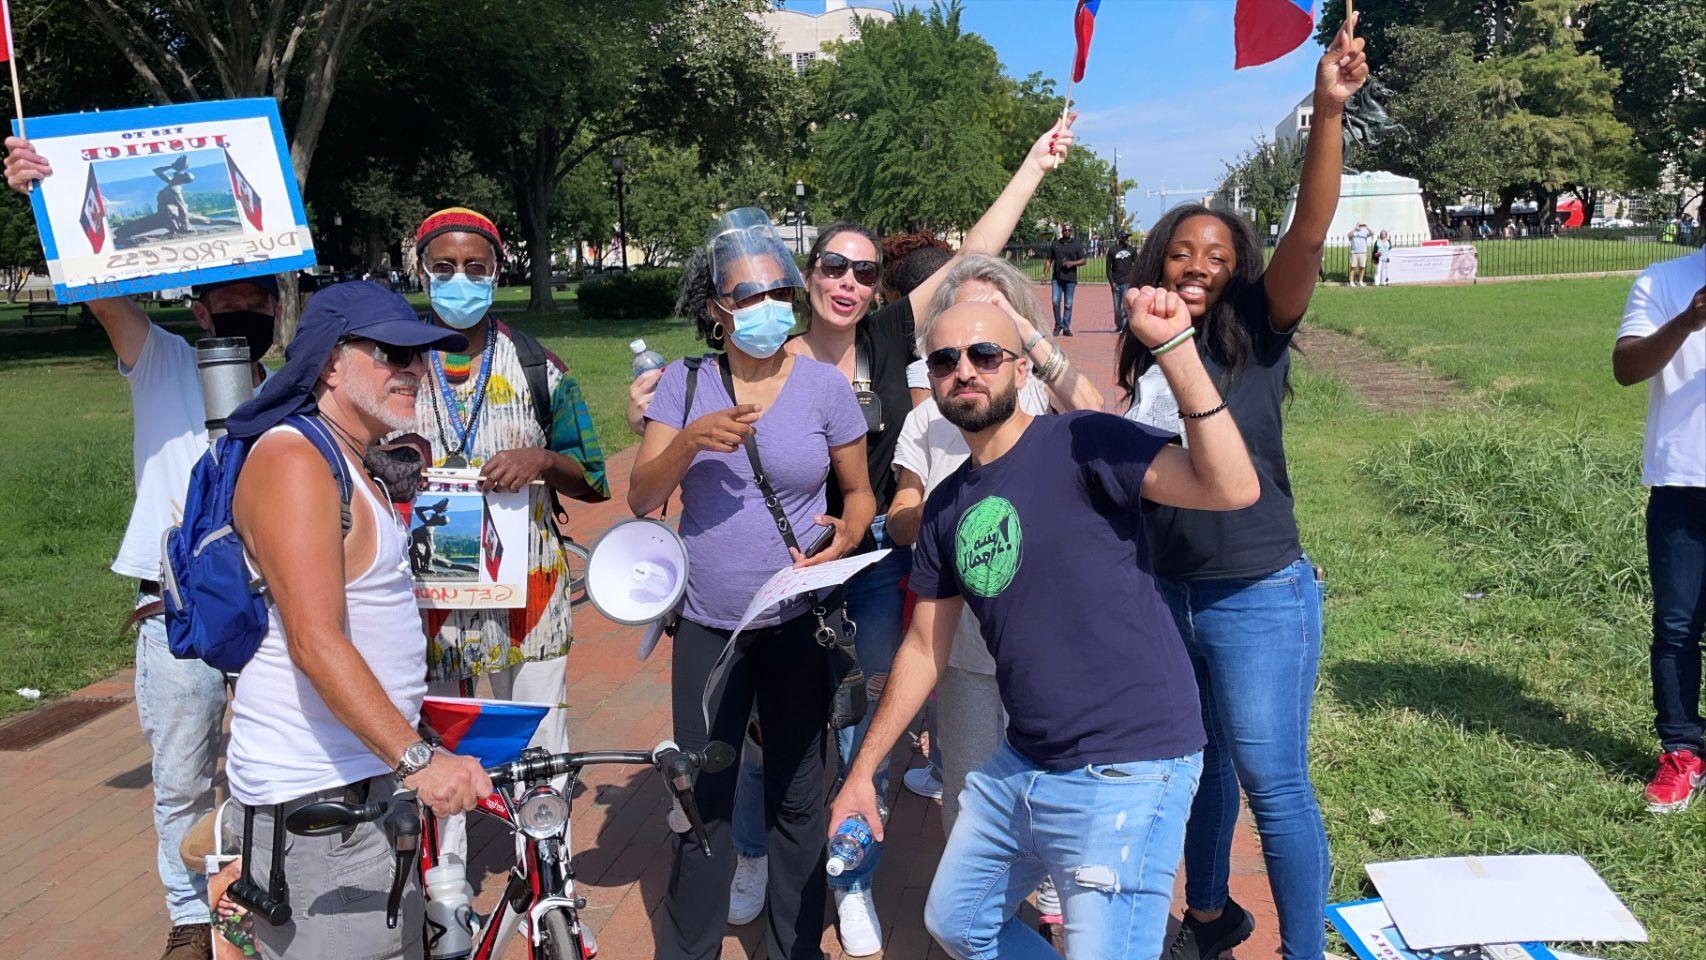 Ju Isen protesta contra Bolsonaro nos Estados Unidos - Foto: Reprodução/CO Assessoria